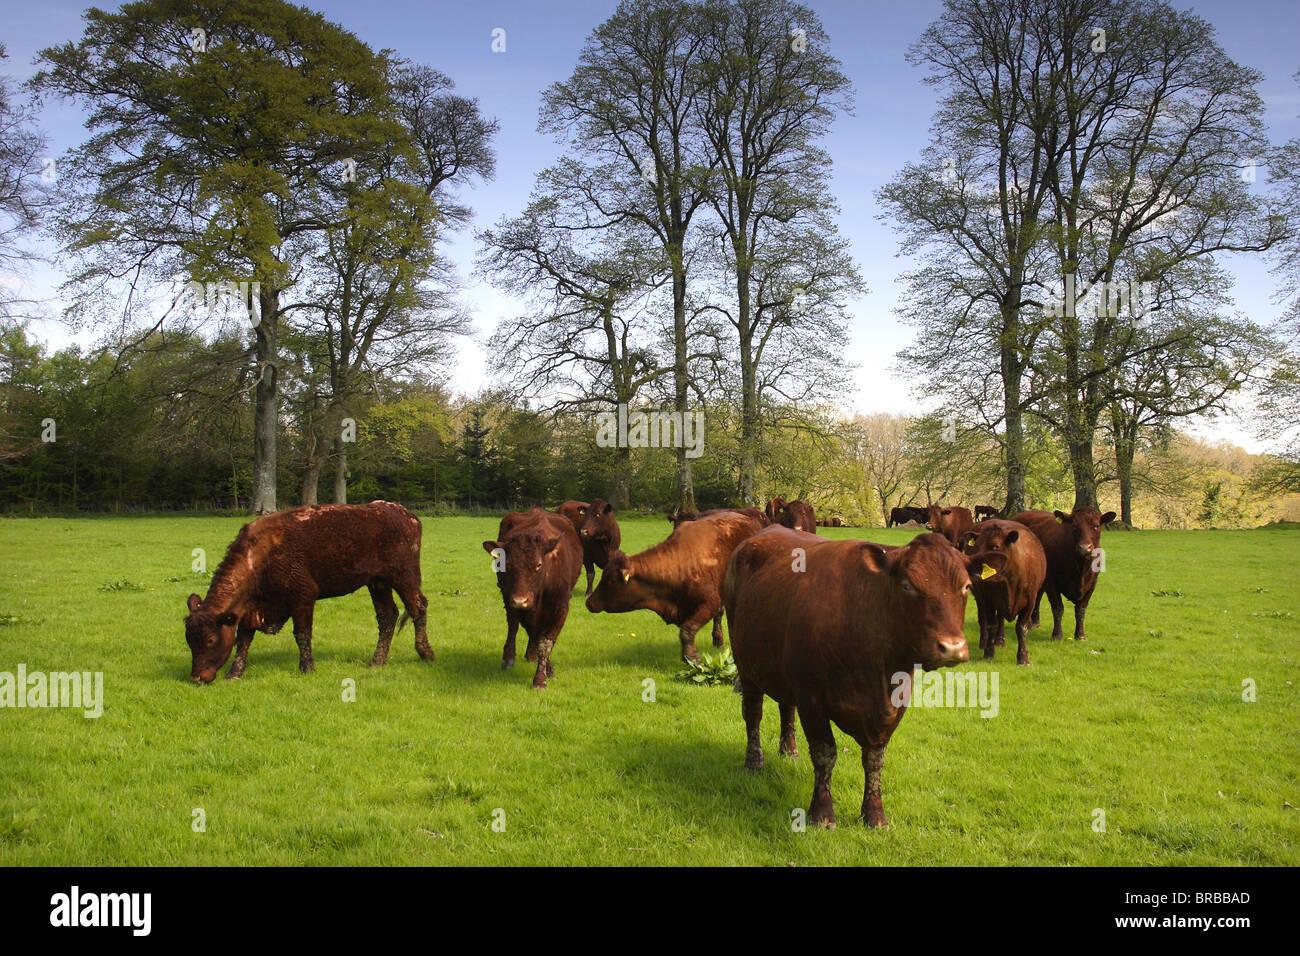 Devon Ruby Red cattle in a Devon field. - Stock Image